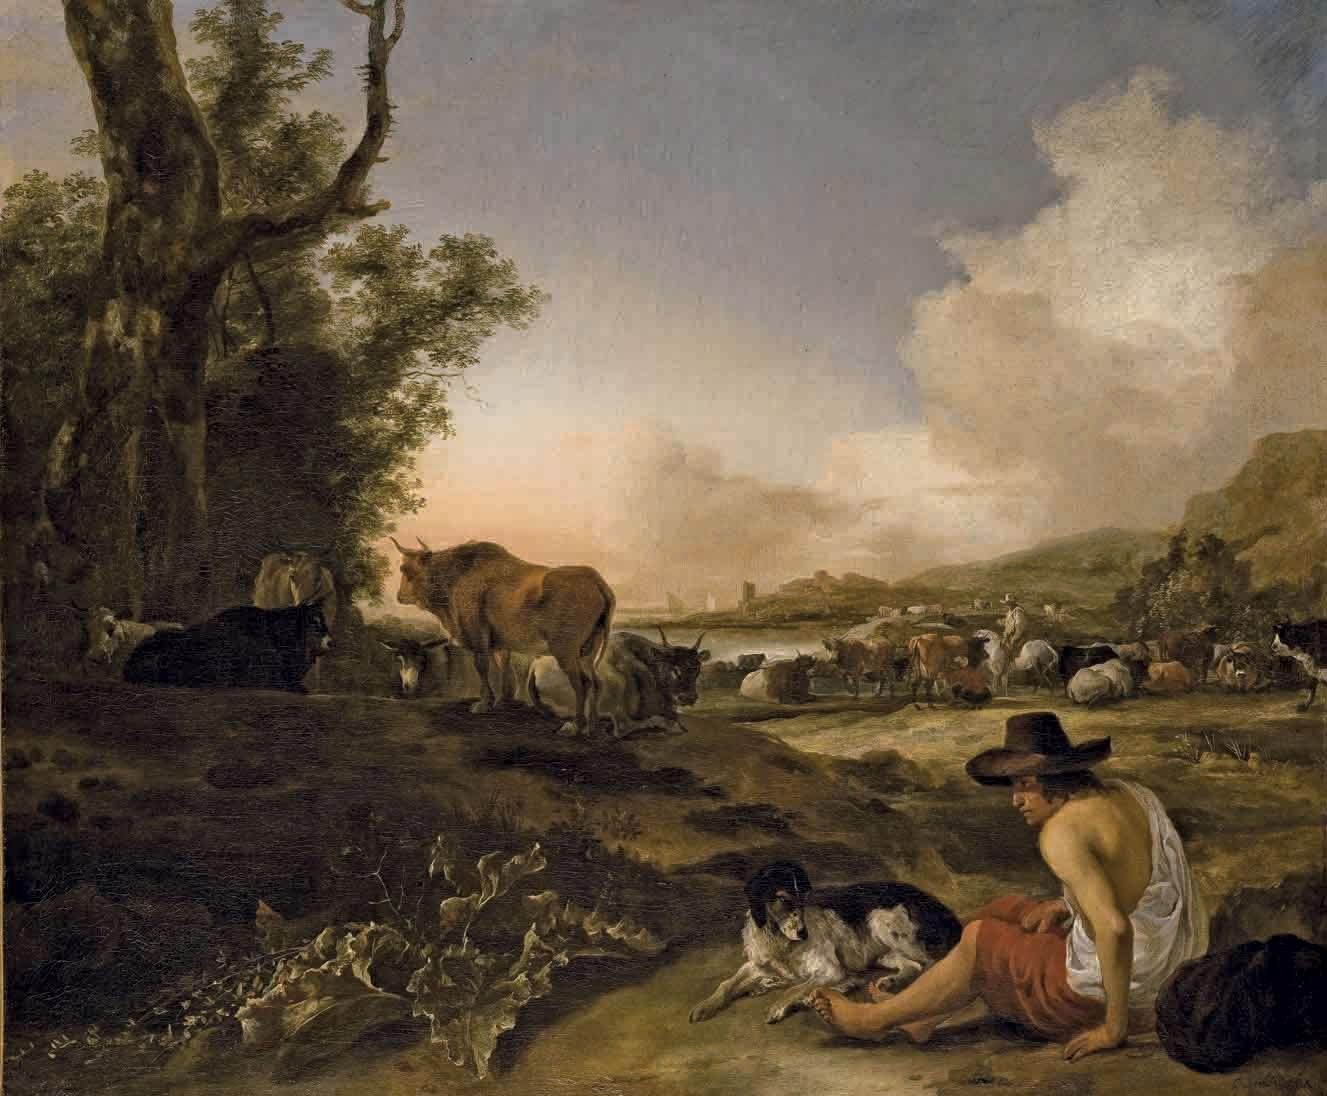 Berger assis dans un paysage avec son chien